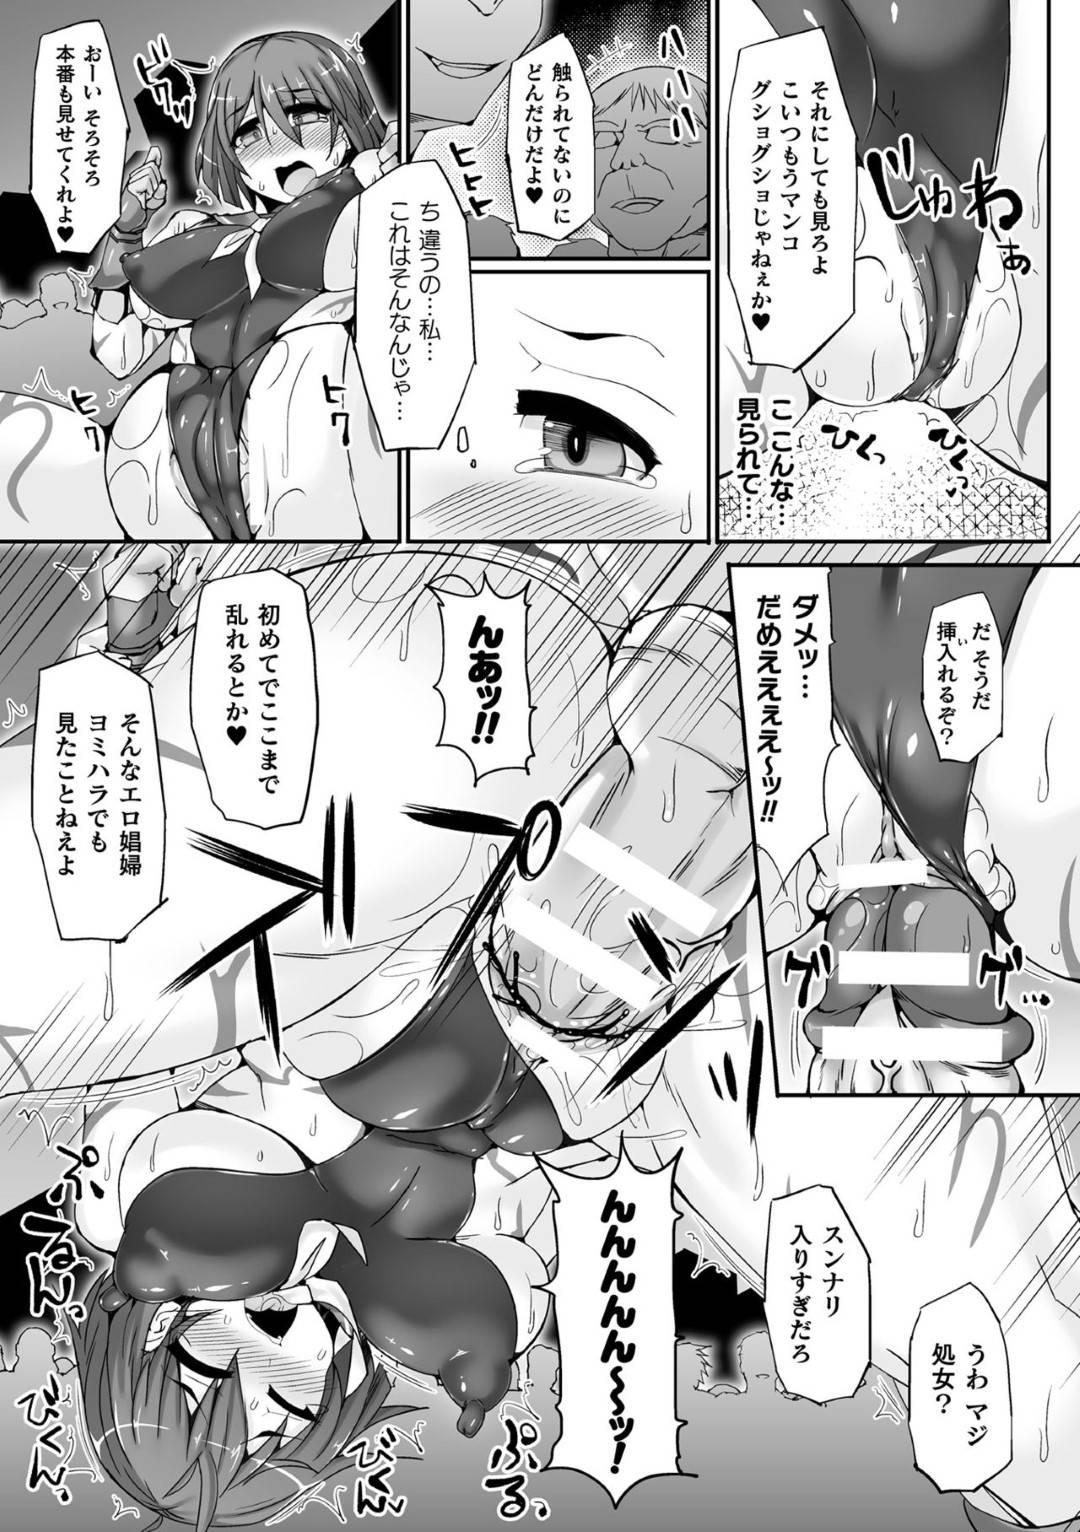 【エロ漫画】ゲームに負けた小娘は大衆の面々の前で公開調教を受けることに…爆乳を揉まれ乳首をビンビンにされると処女マンコに肉棒をぶち込まれ連続イキを受ける